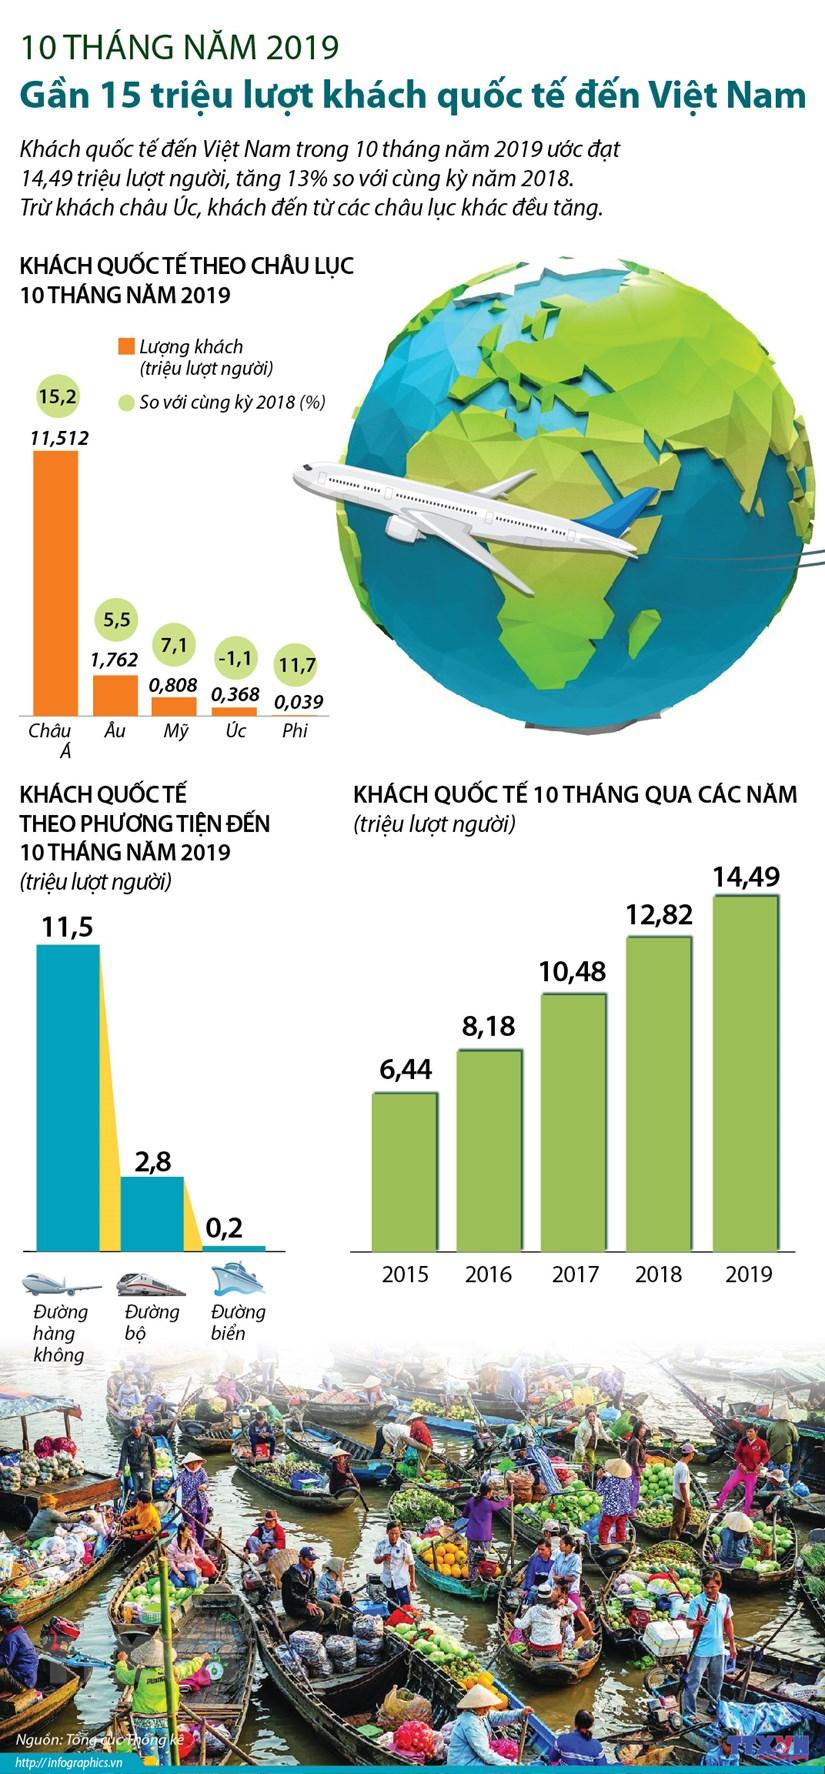 14,49 triệu lượt khách quốc tế đến Việt Nam